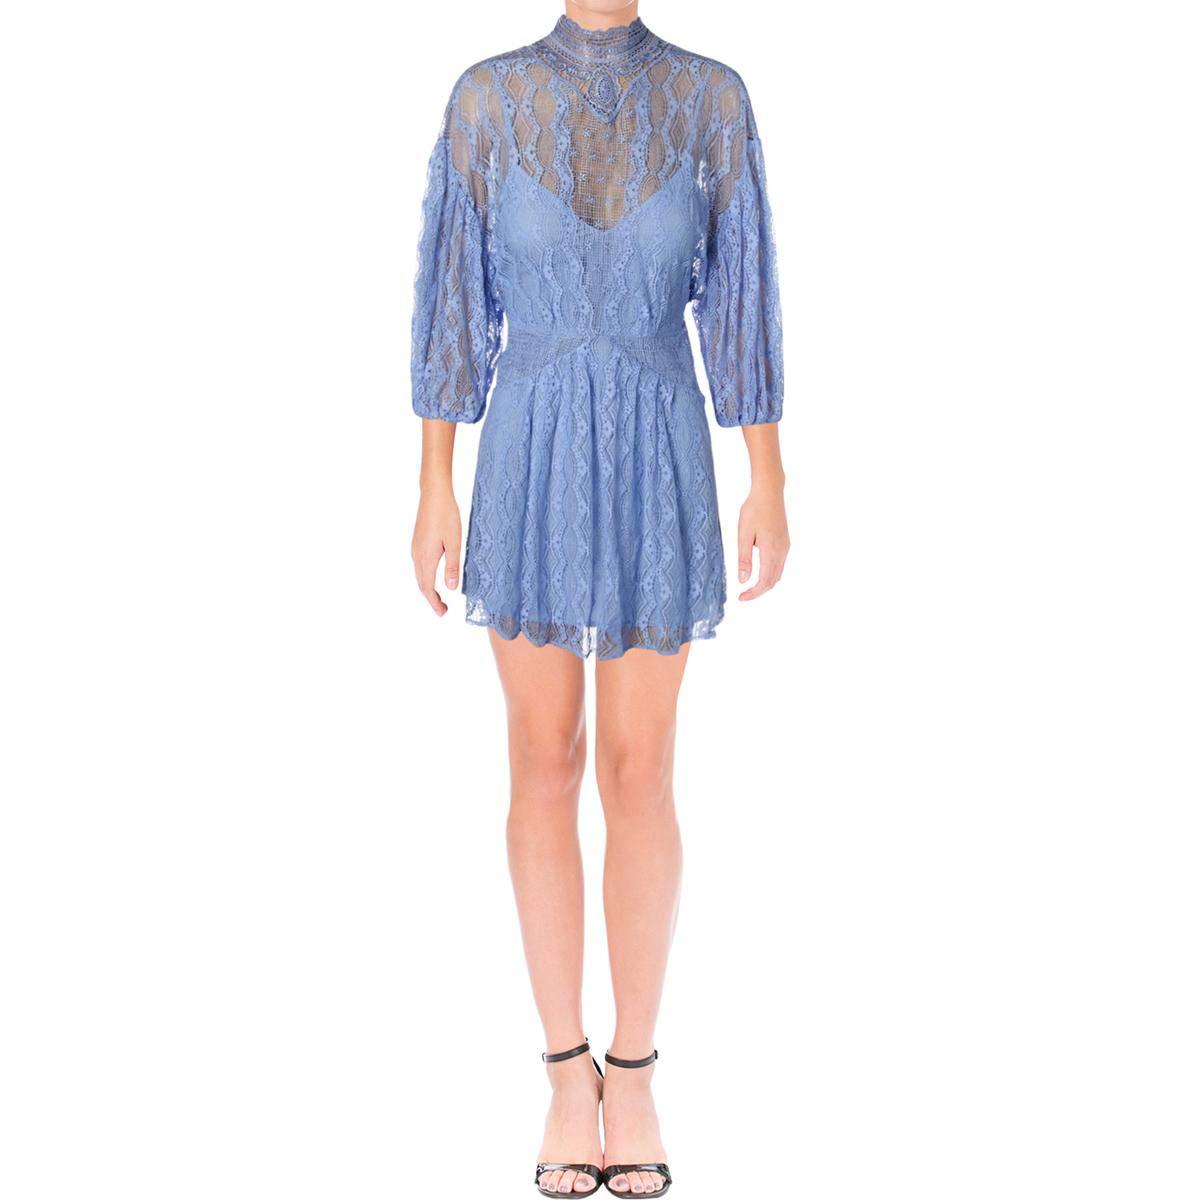 Boardwalk bluee Free People Womens Lace Overlay Mock Neck Mini Dress